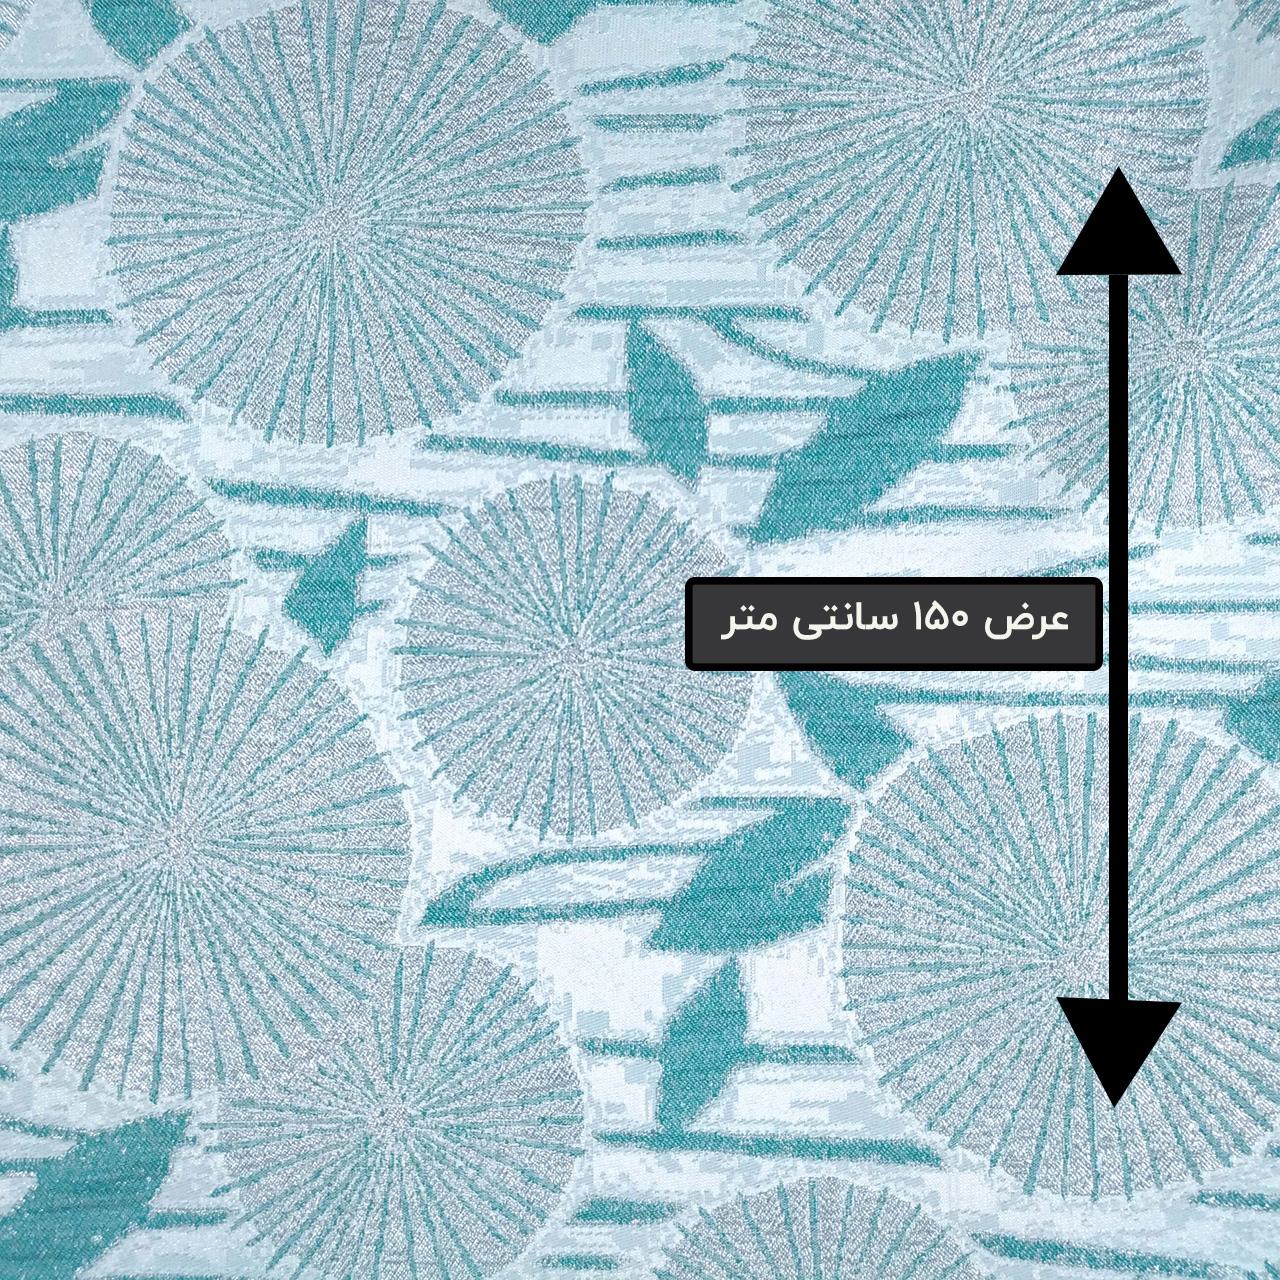 ژاکارد سیملی آتریسا رنگ سبز آبی